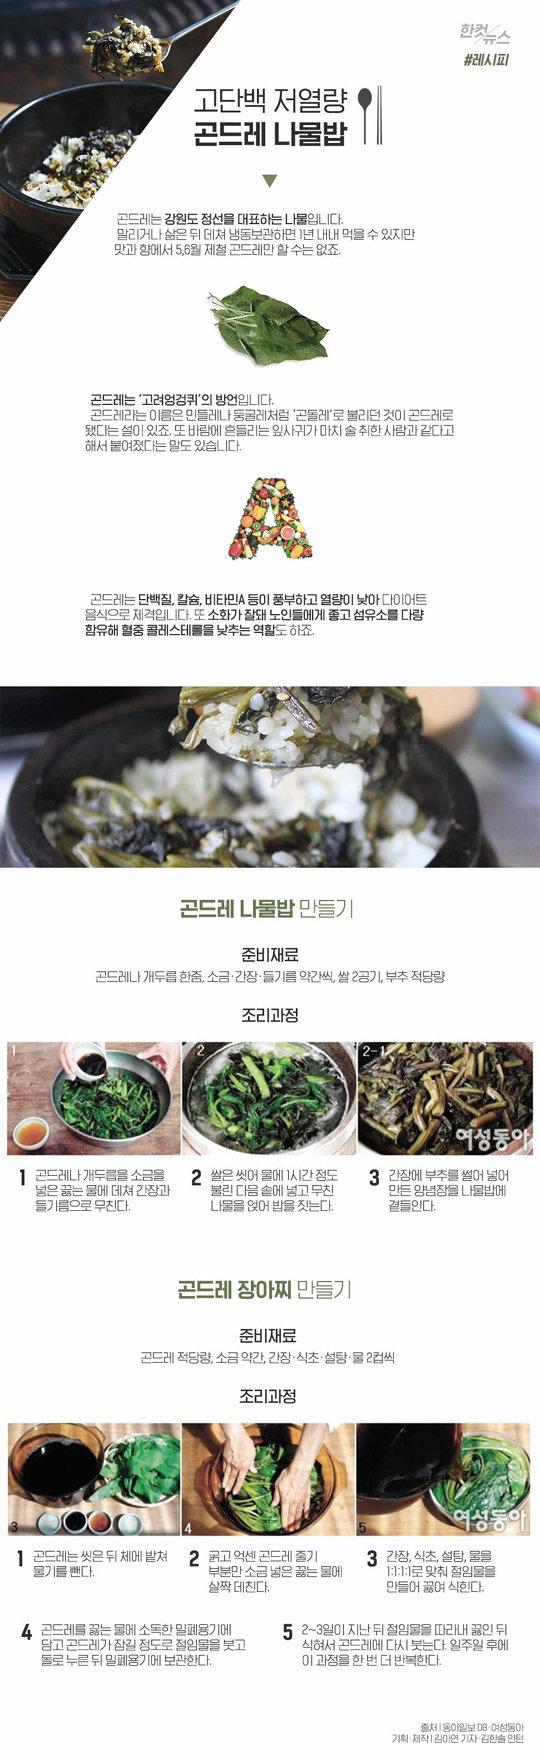 [한컷뉴스] 지금이 제철, 곤드레나물